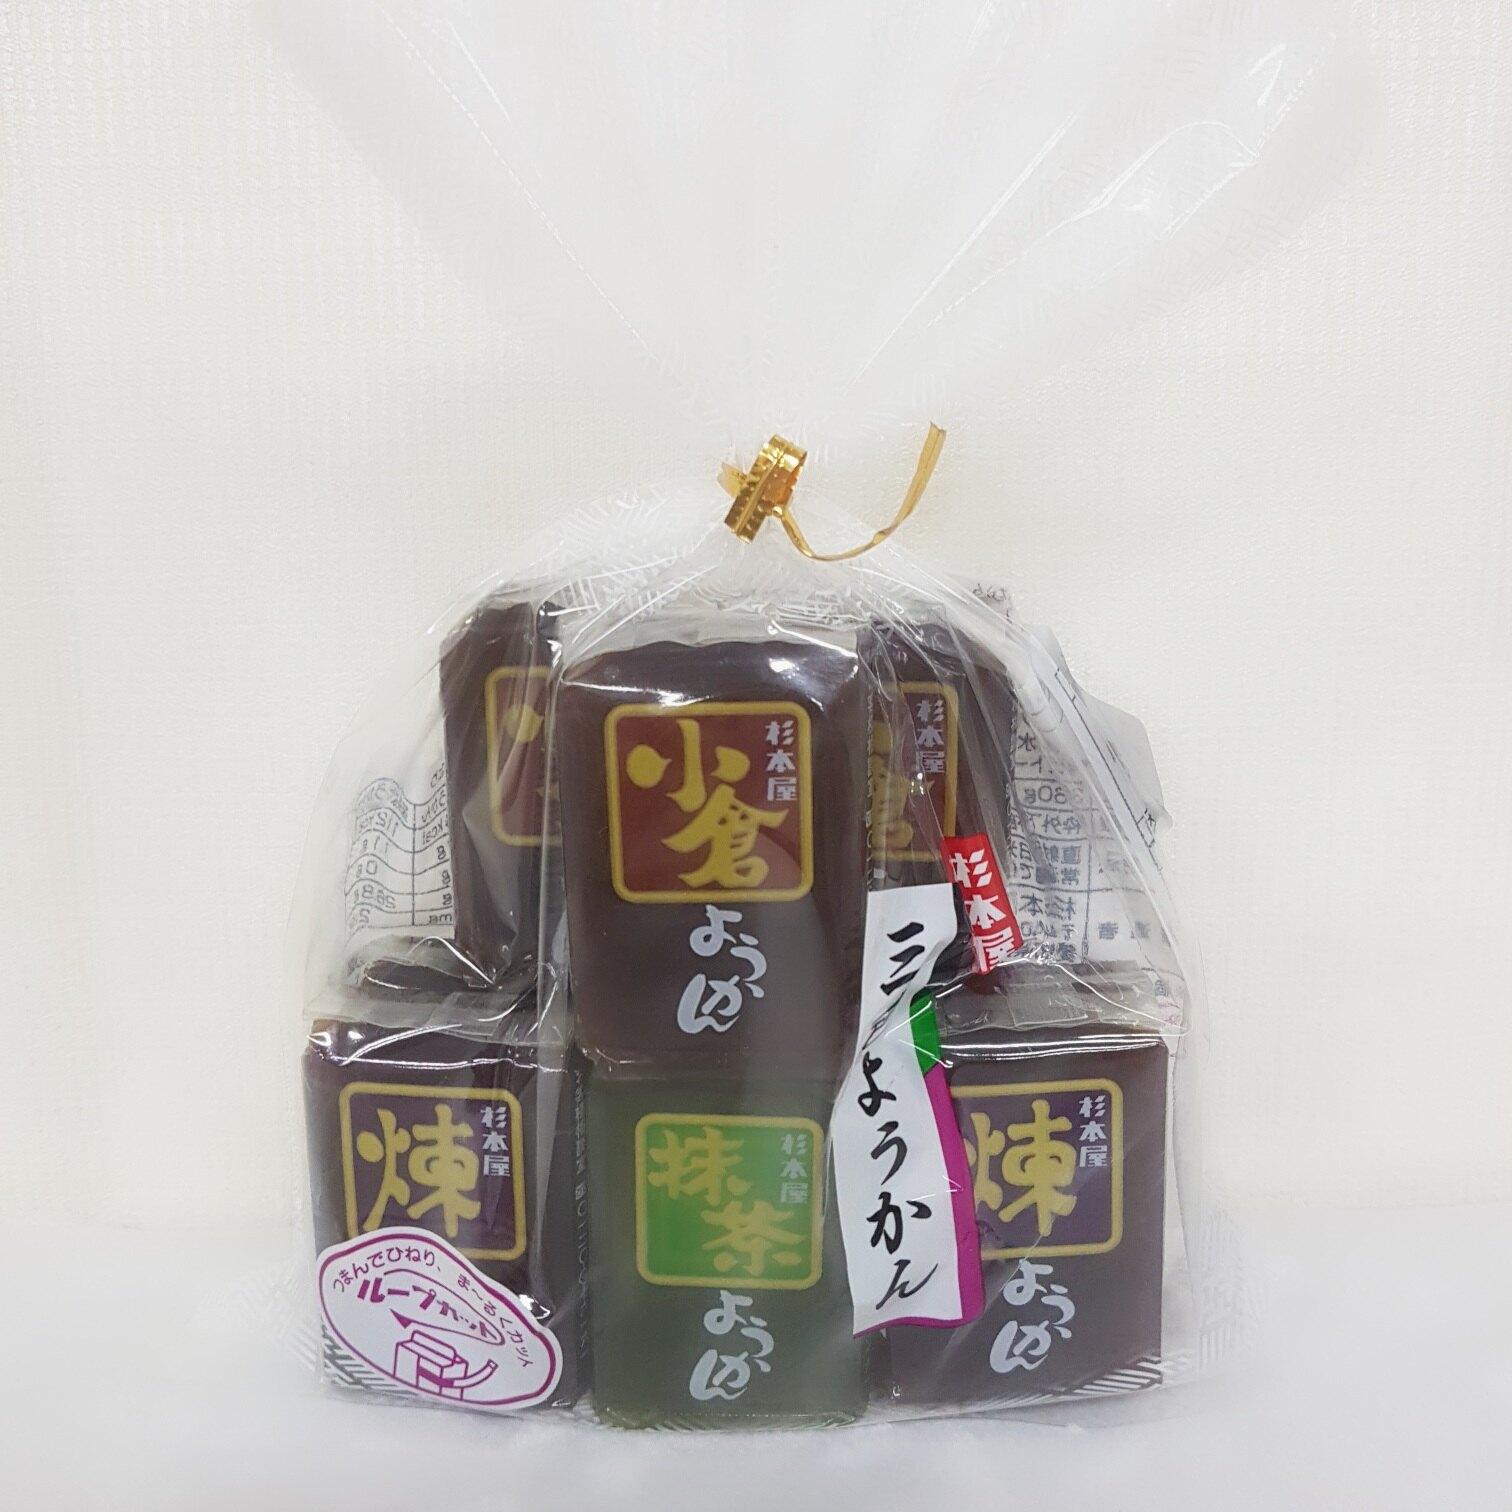 日本-杉本屋三色羊羹-360g包